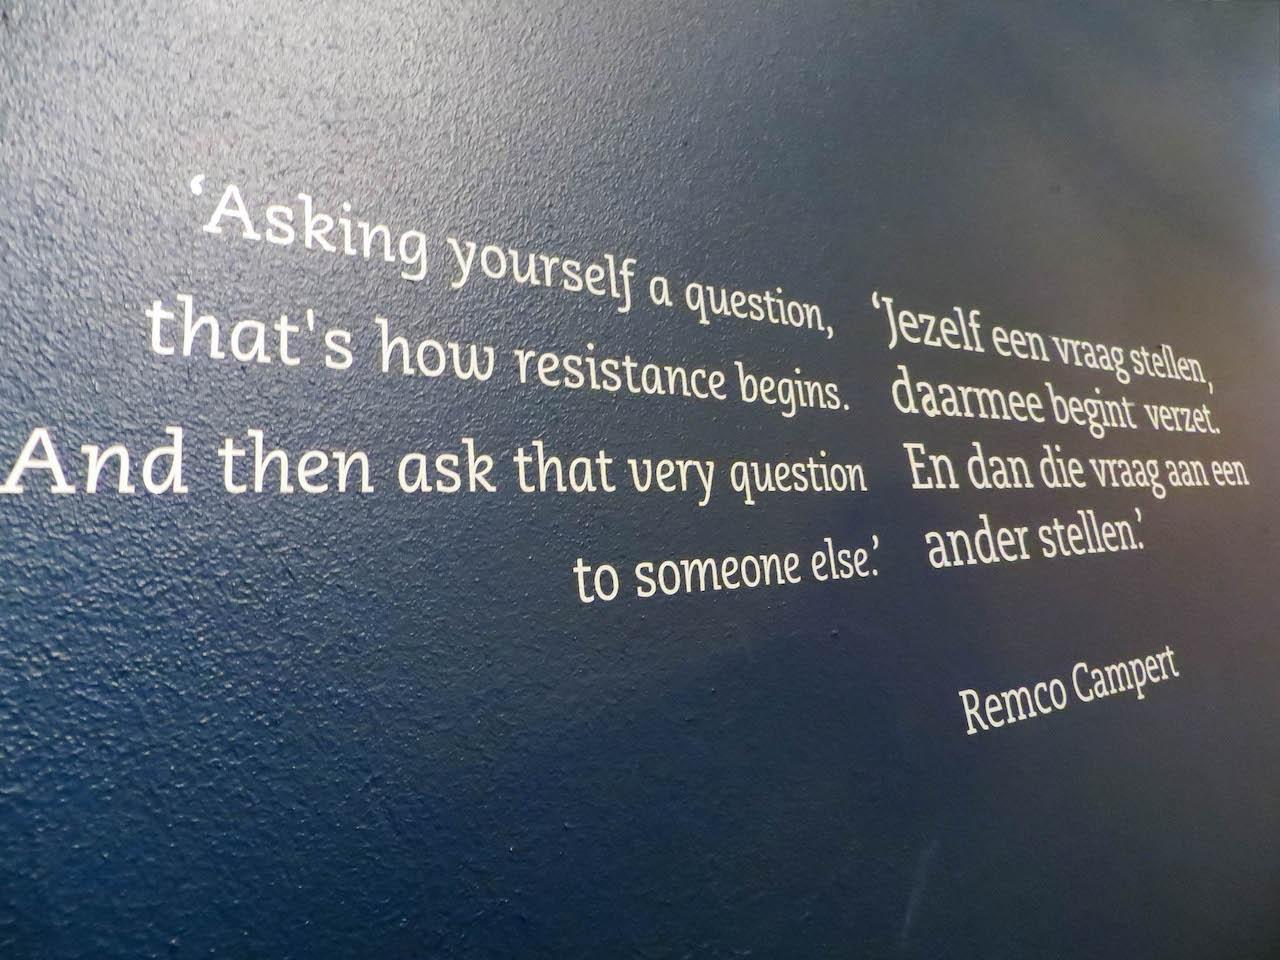 Widerstand? Oder doch Anpassen? Dieser Frage geht das Museum nach.